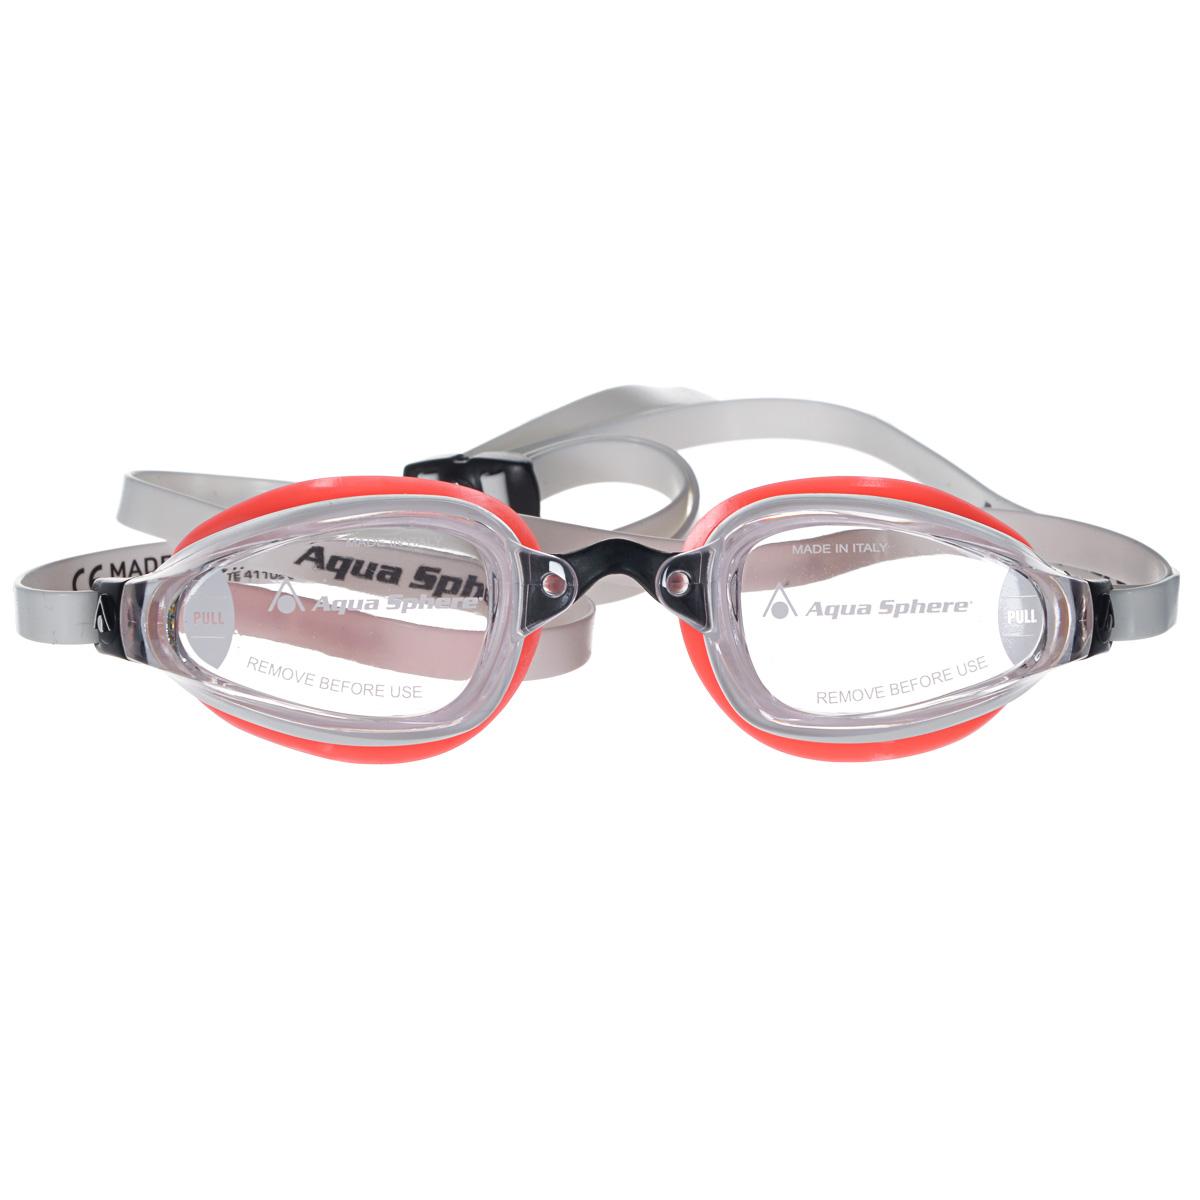 Очки для плавания Aqua Sphere K180 Lady, цвет: белый, розовыйTN 173280Aqua Sphere K180 Lady - это первые очки для скоростного плавания, обладающие панорамным обзором в 180°, который достигается благодаря очень близкому расположению линз к глазам. Благодаря сменным перемычкам можно менять расстояние между линзами. Очки дают 100% защиту от ультрафиолетового излучения. В комплекте 3 сменных перемычки.